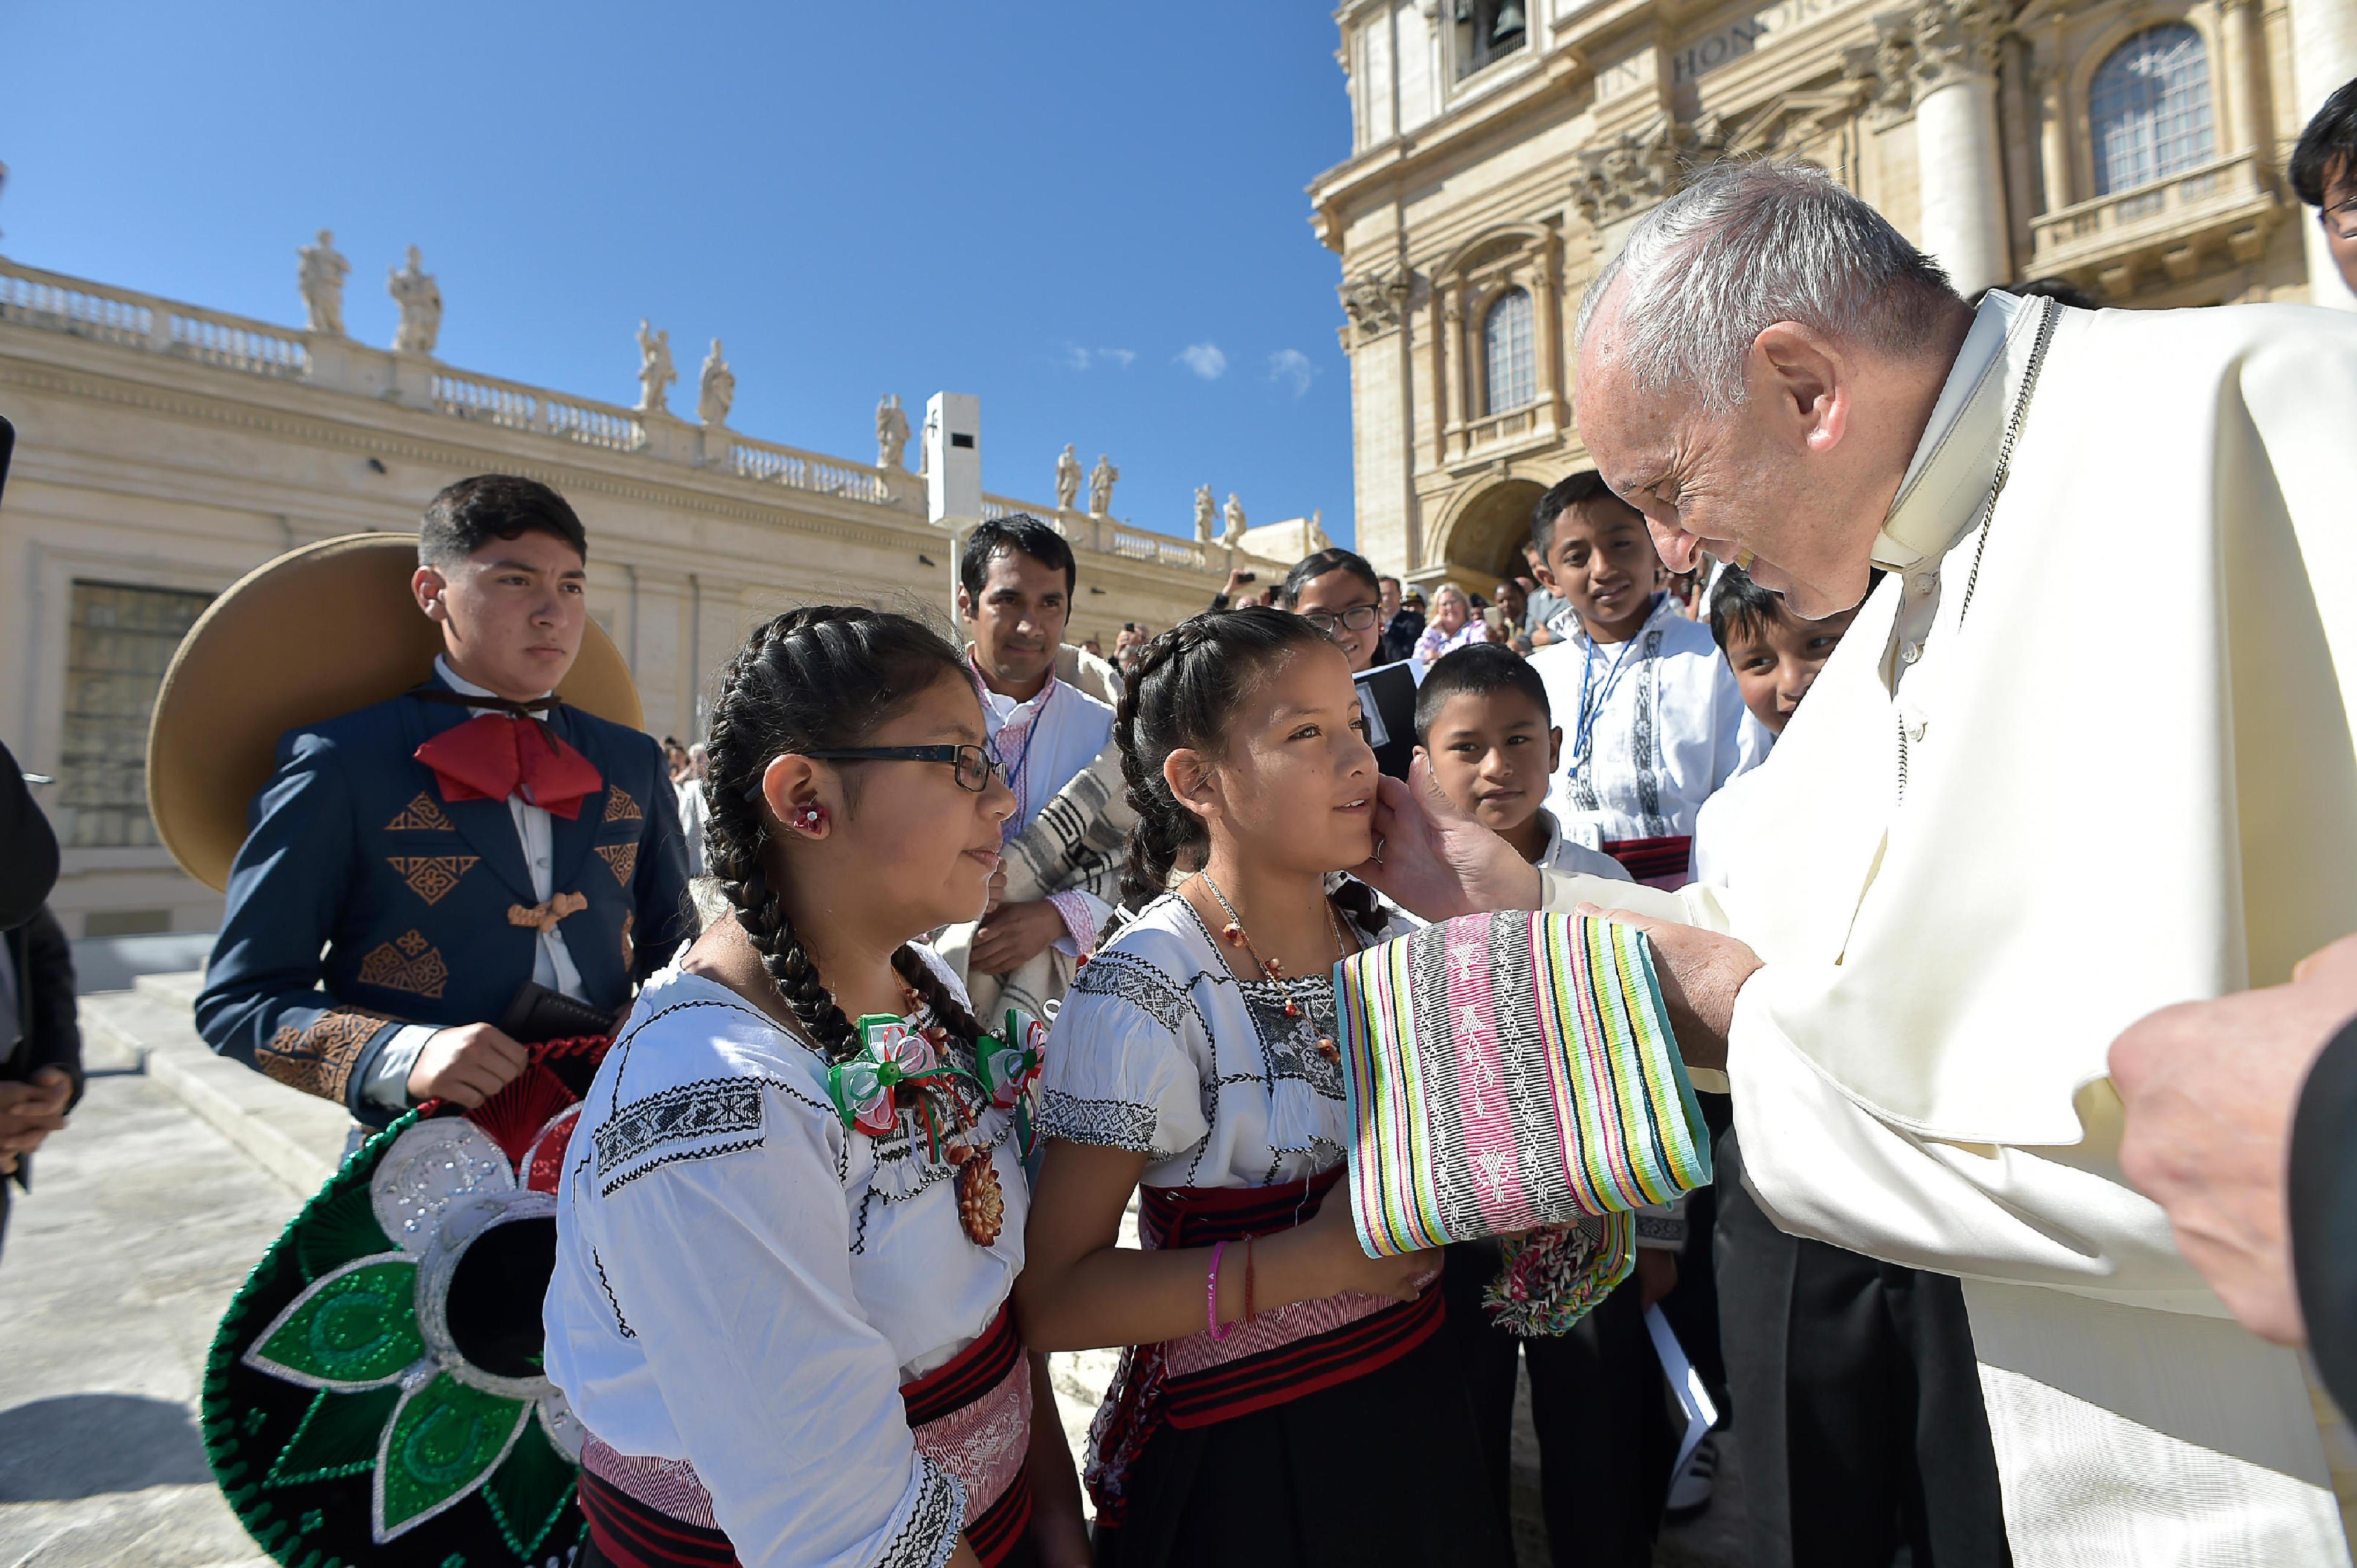 Choeur d'enfants indigènes mexicains Voces Yumhu 20/09/2017 © L'Osservatore Romano